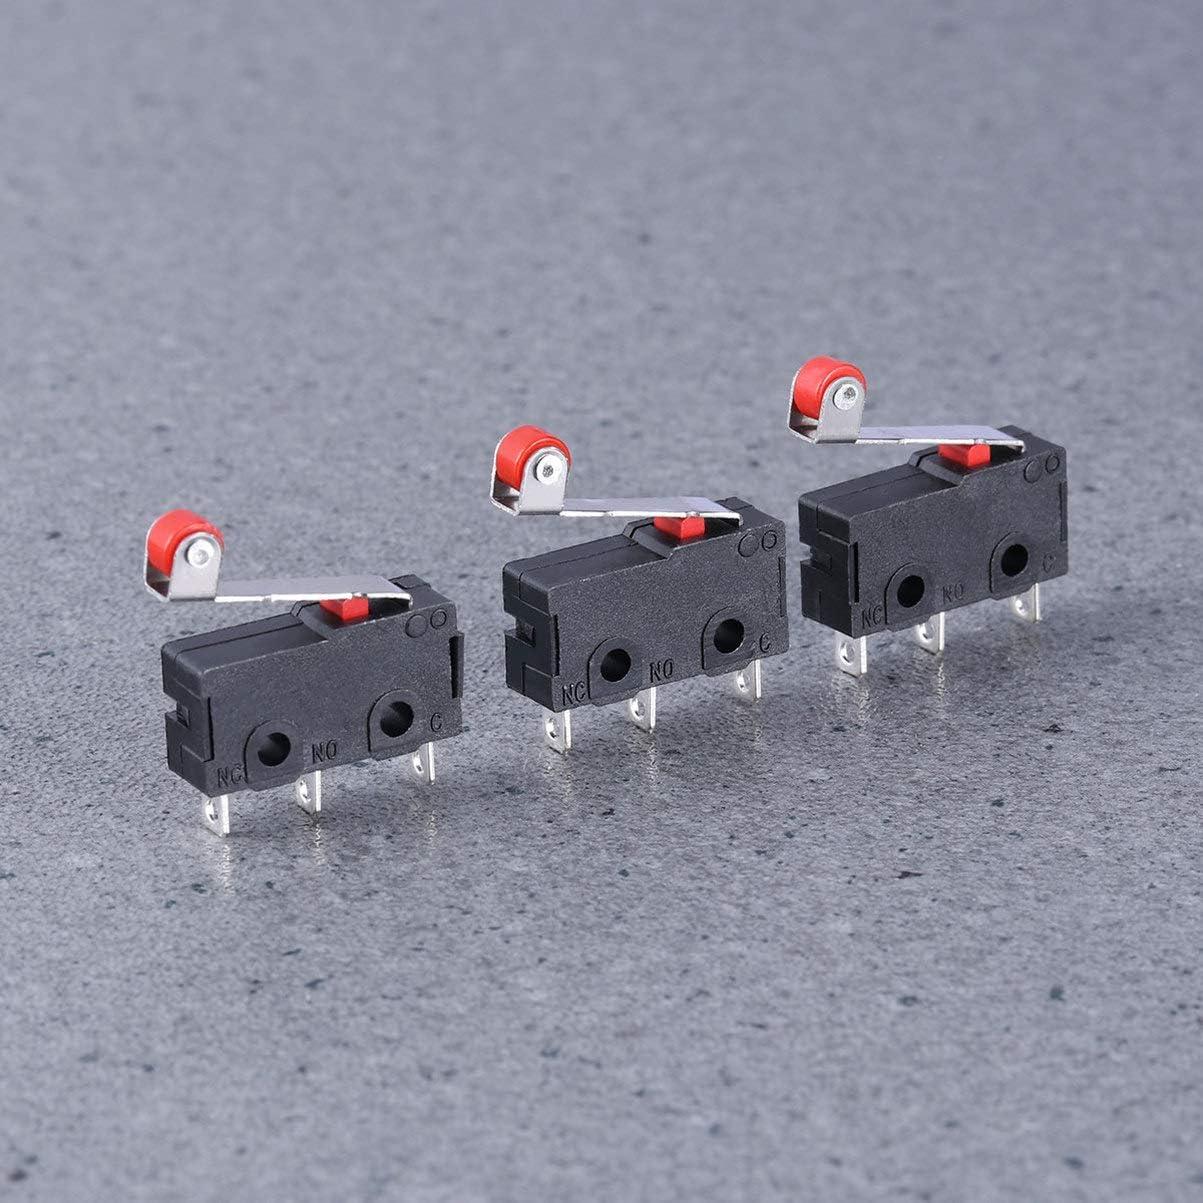 LIOOBO 10Pcs Mini Prime Action Instantan/ée Spdt Micro Interrupteur Fin de Course Rouleau Bras de Levier Durable pour Exp/ériences en /électronique